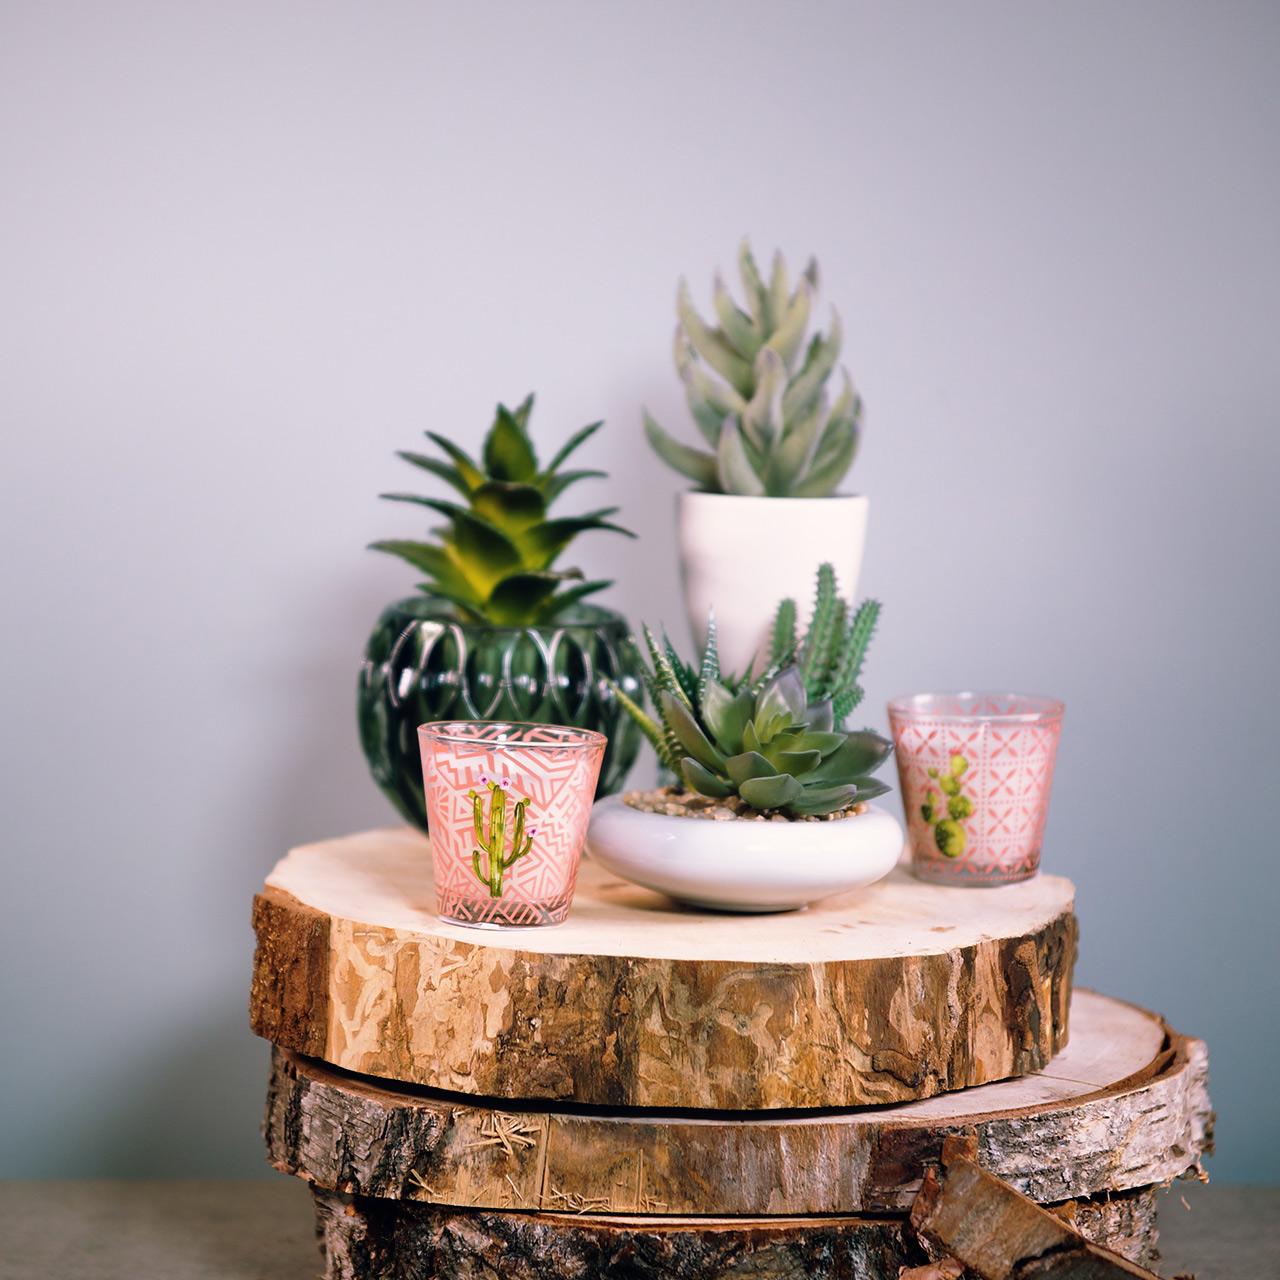 Świeca woskowa w szkle kaktus Ø6,5cm 2szt.